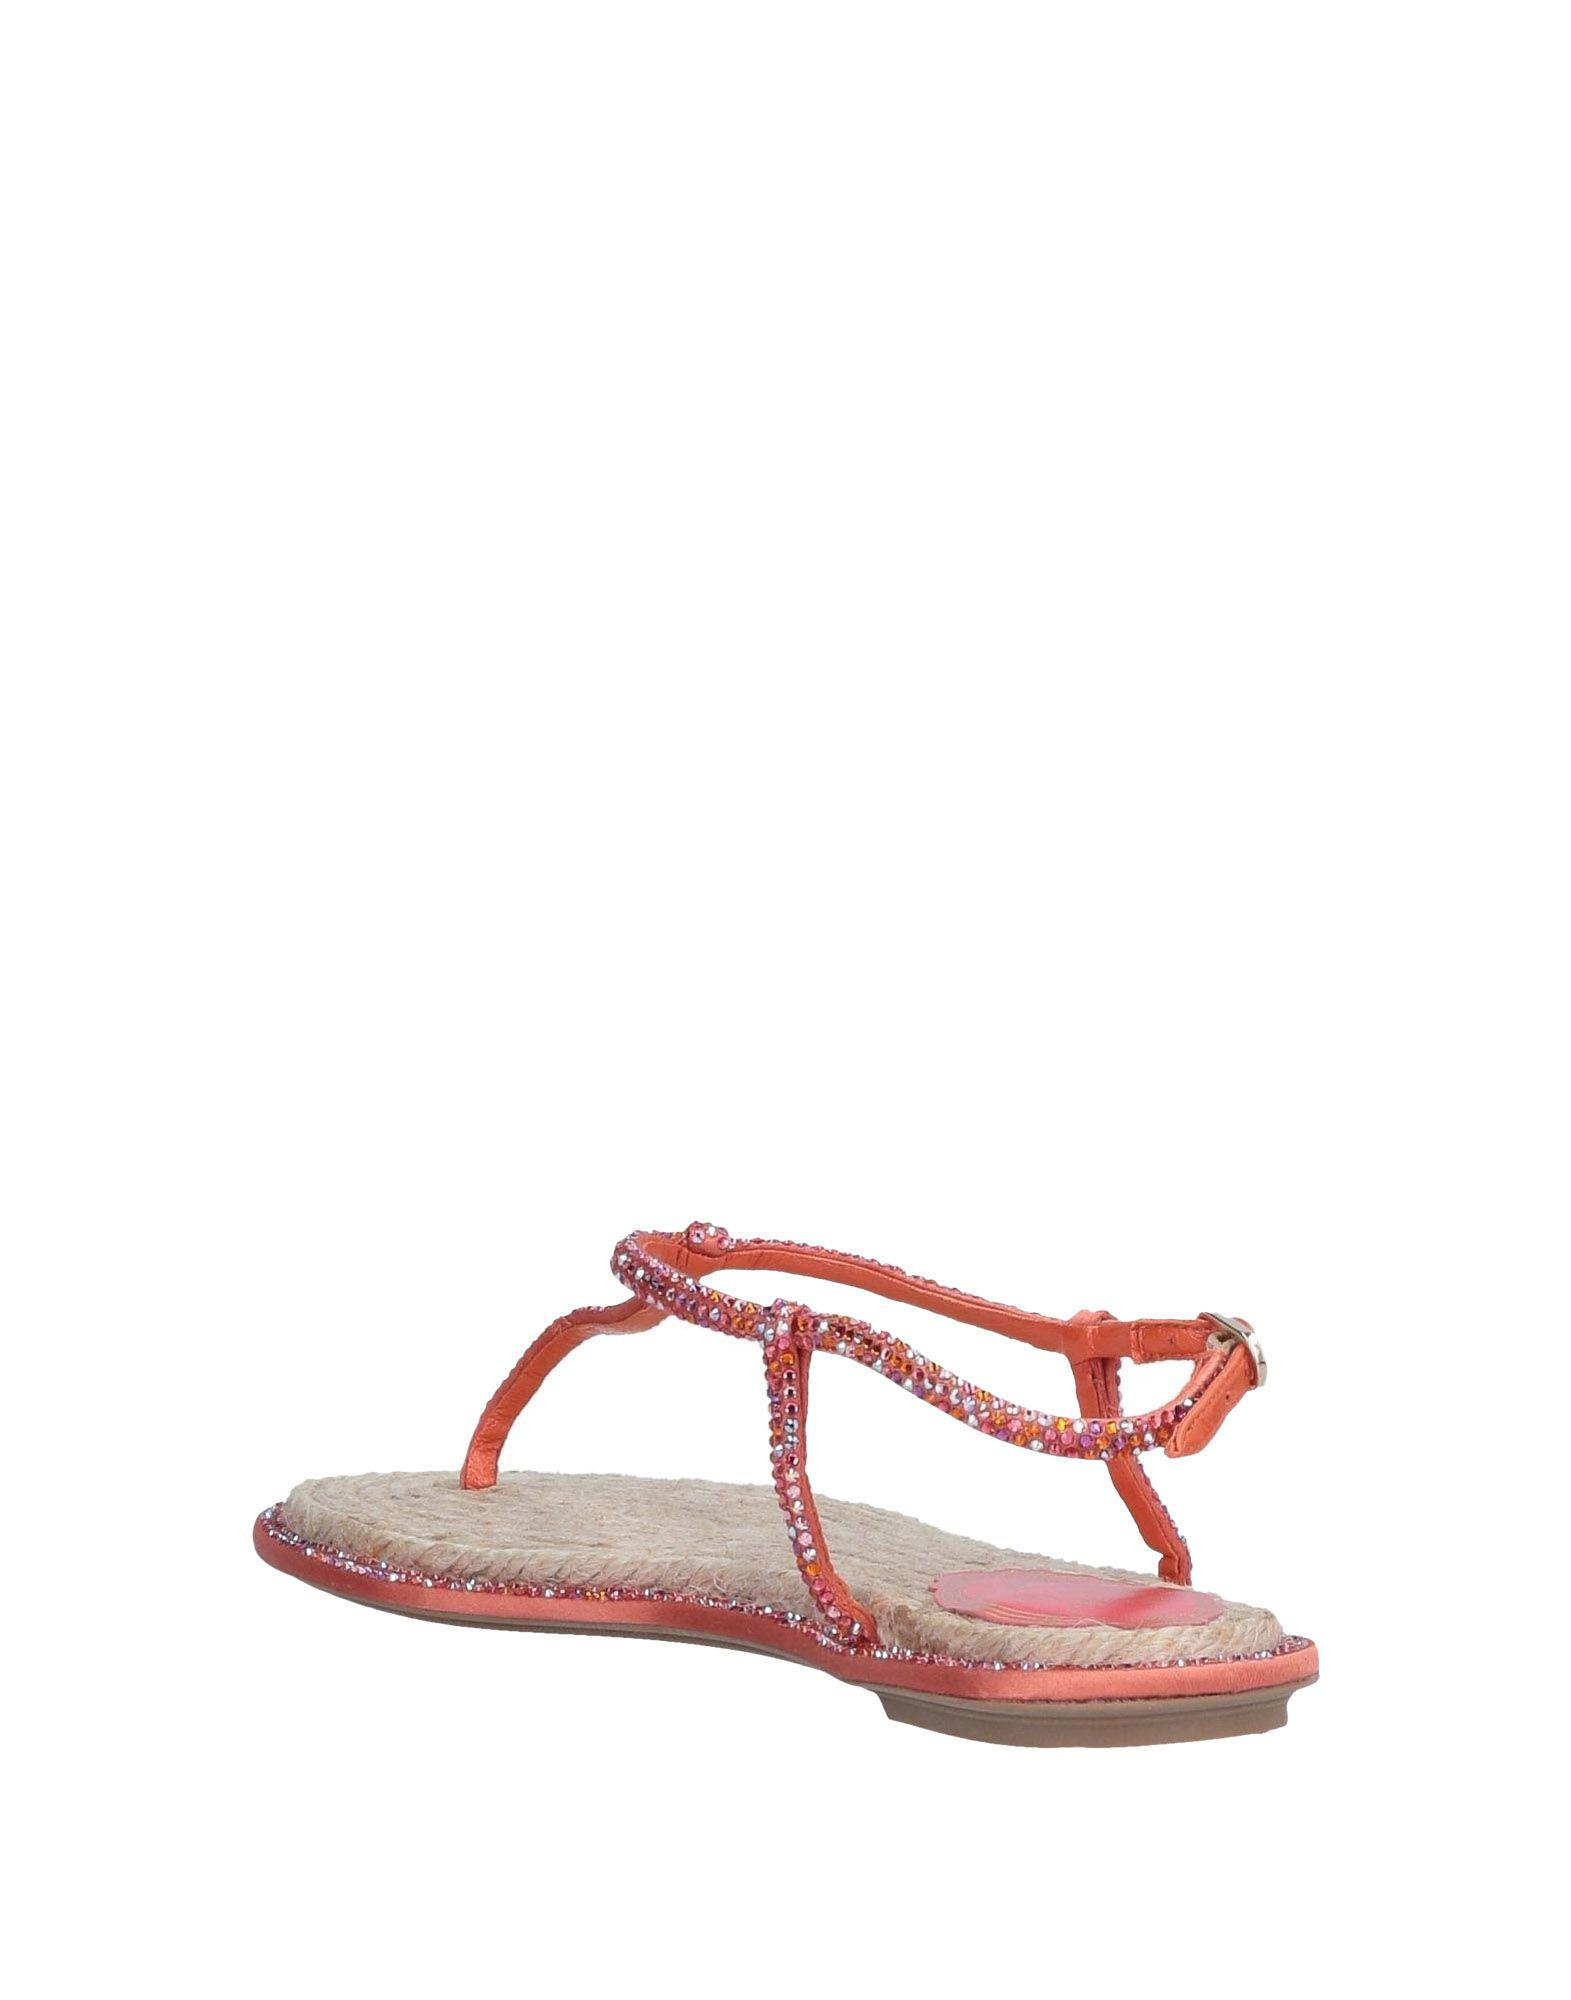 8e678eb808258 Lyst - Rene Caovilla Toe Post Sandal in Orange